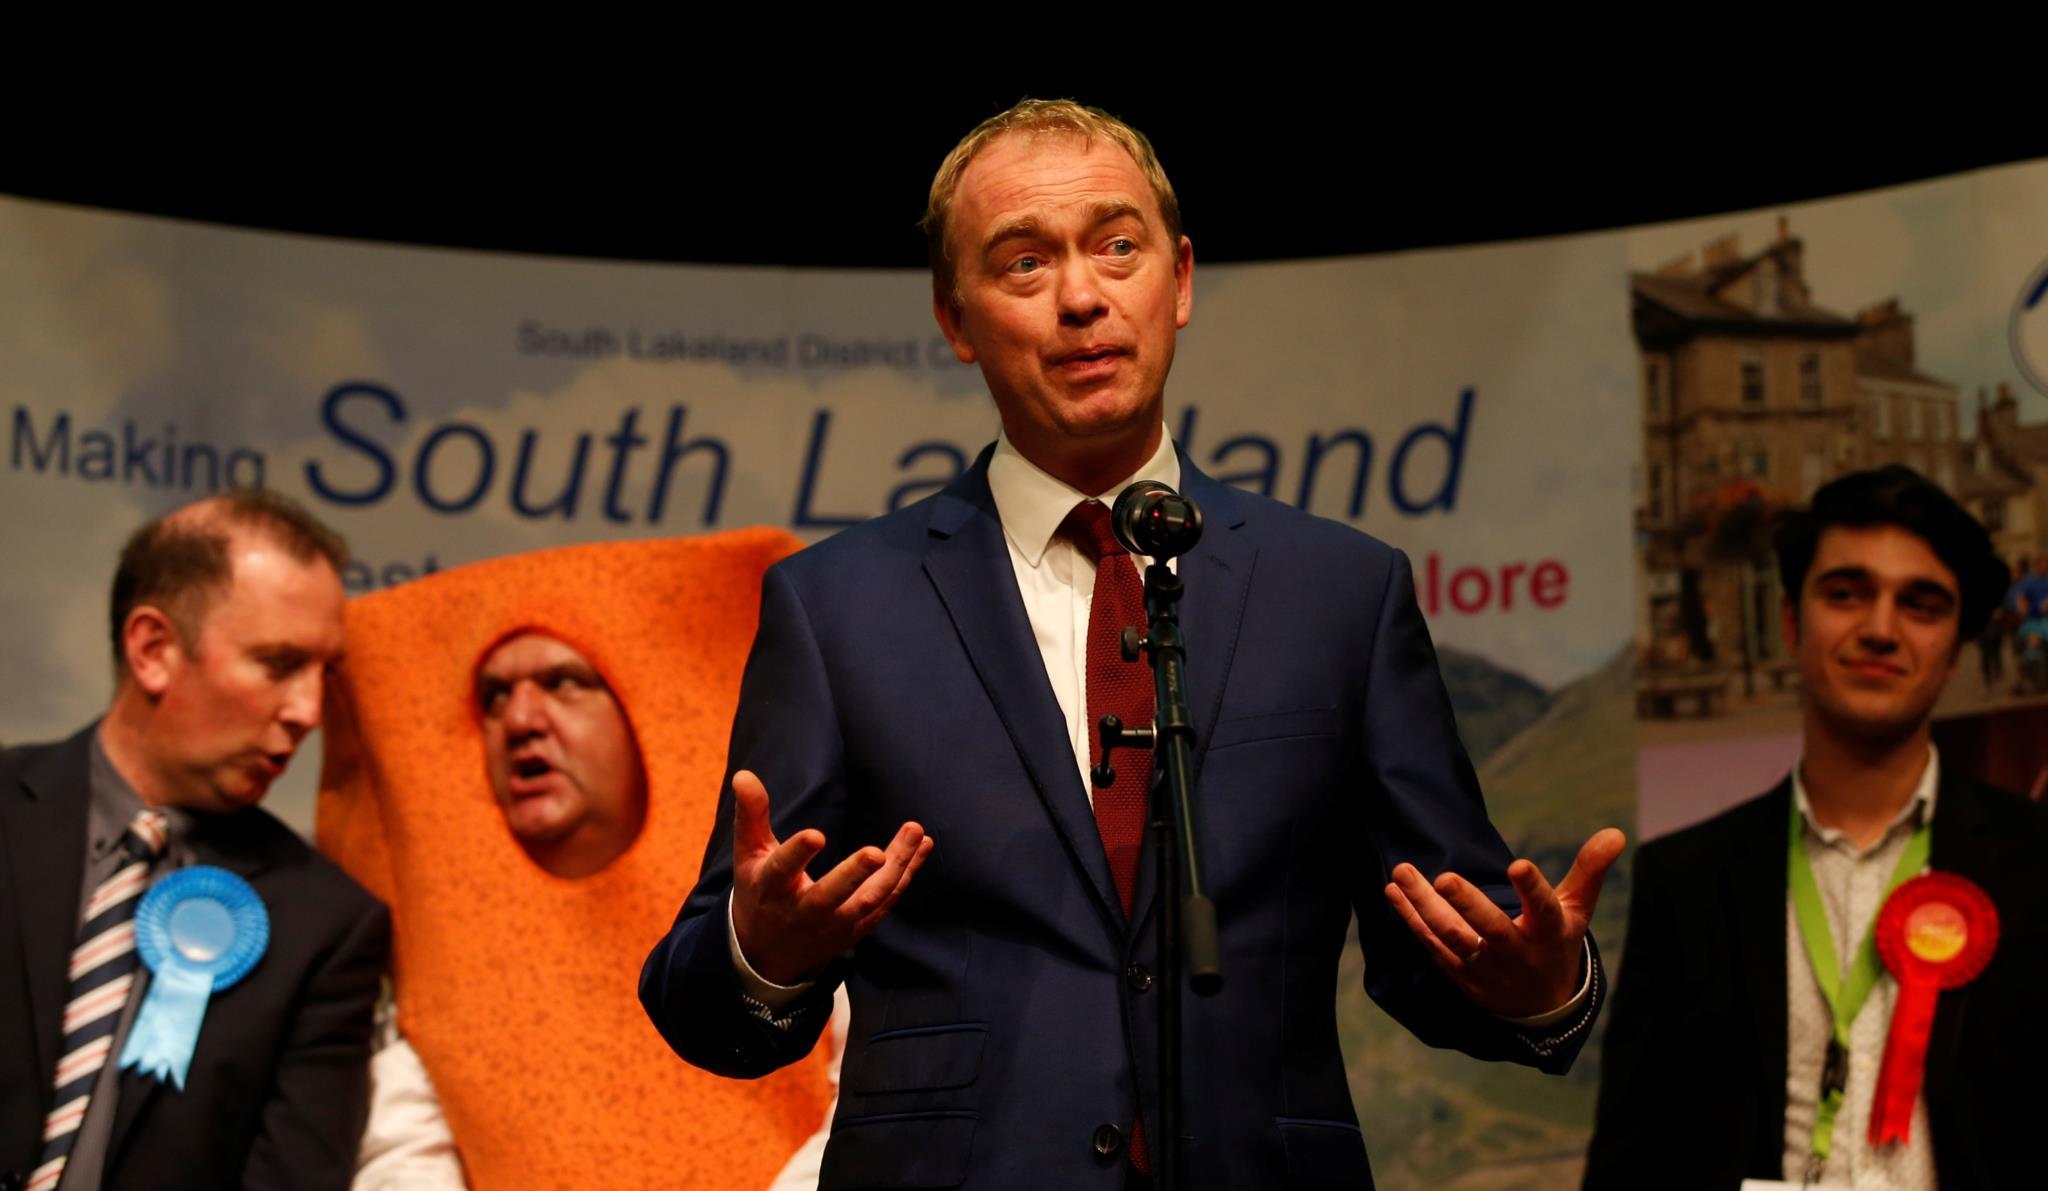 Tim Farron, líder dos liberais-democratas, discursa à frente do candidato Mr. Fishfinger (Sr. Douradinho, numa tradução possível)